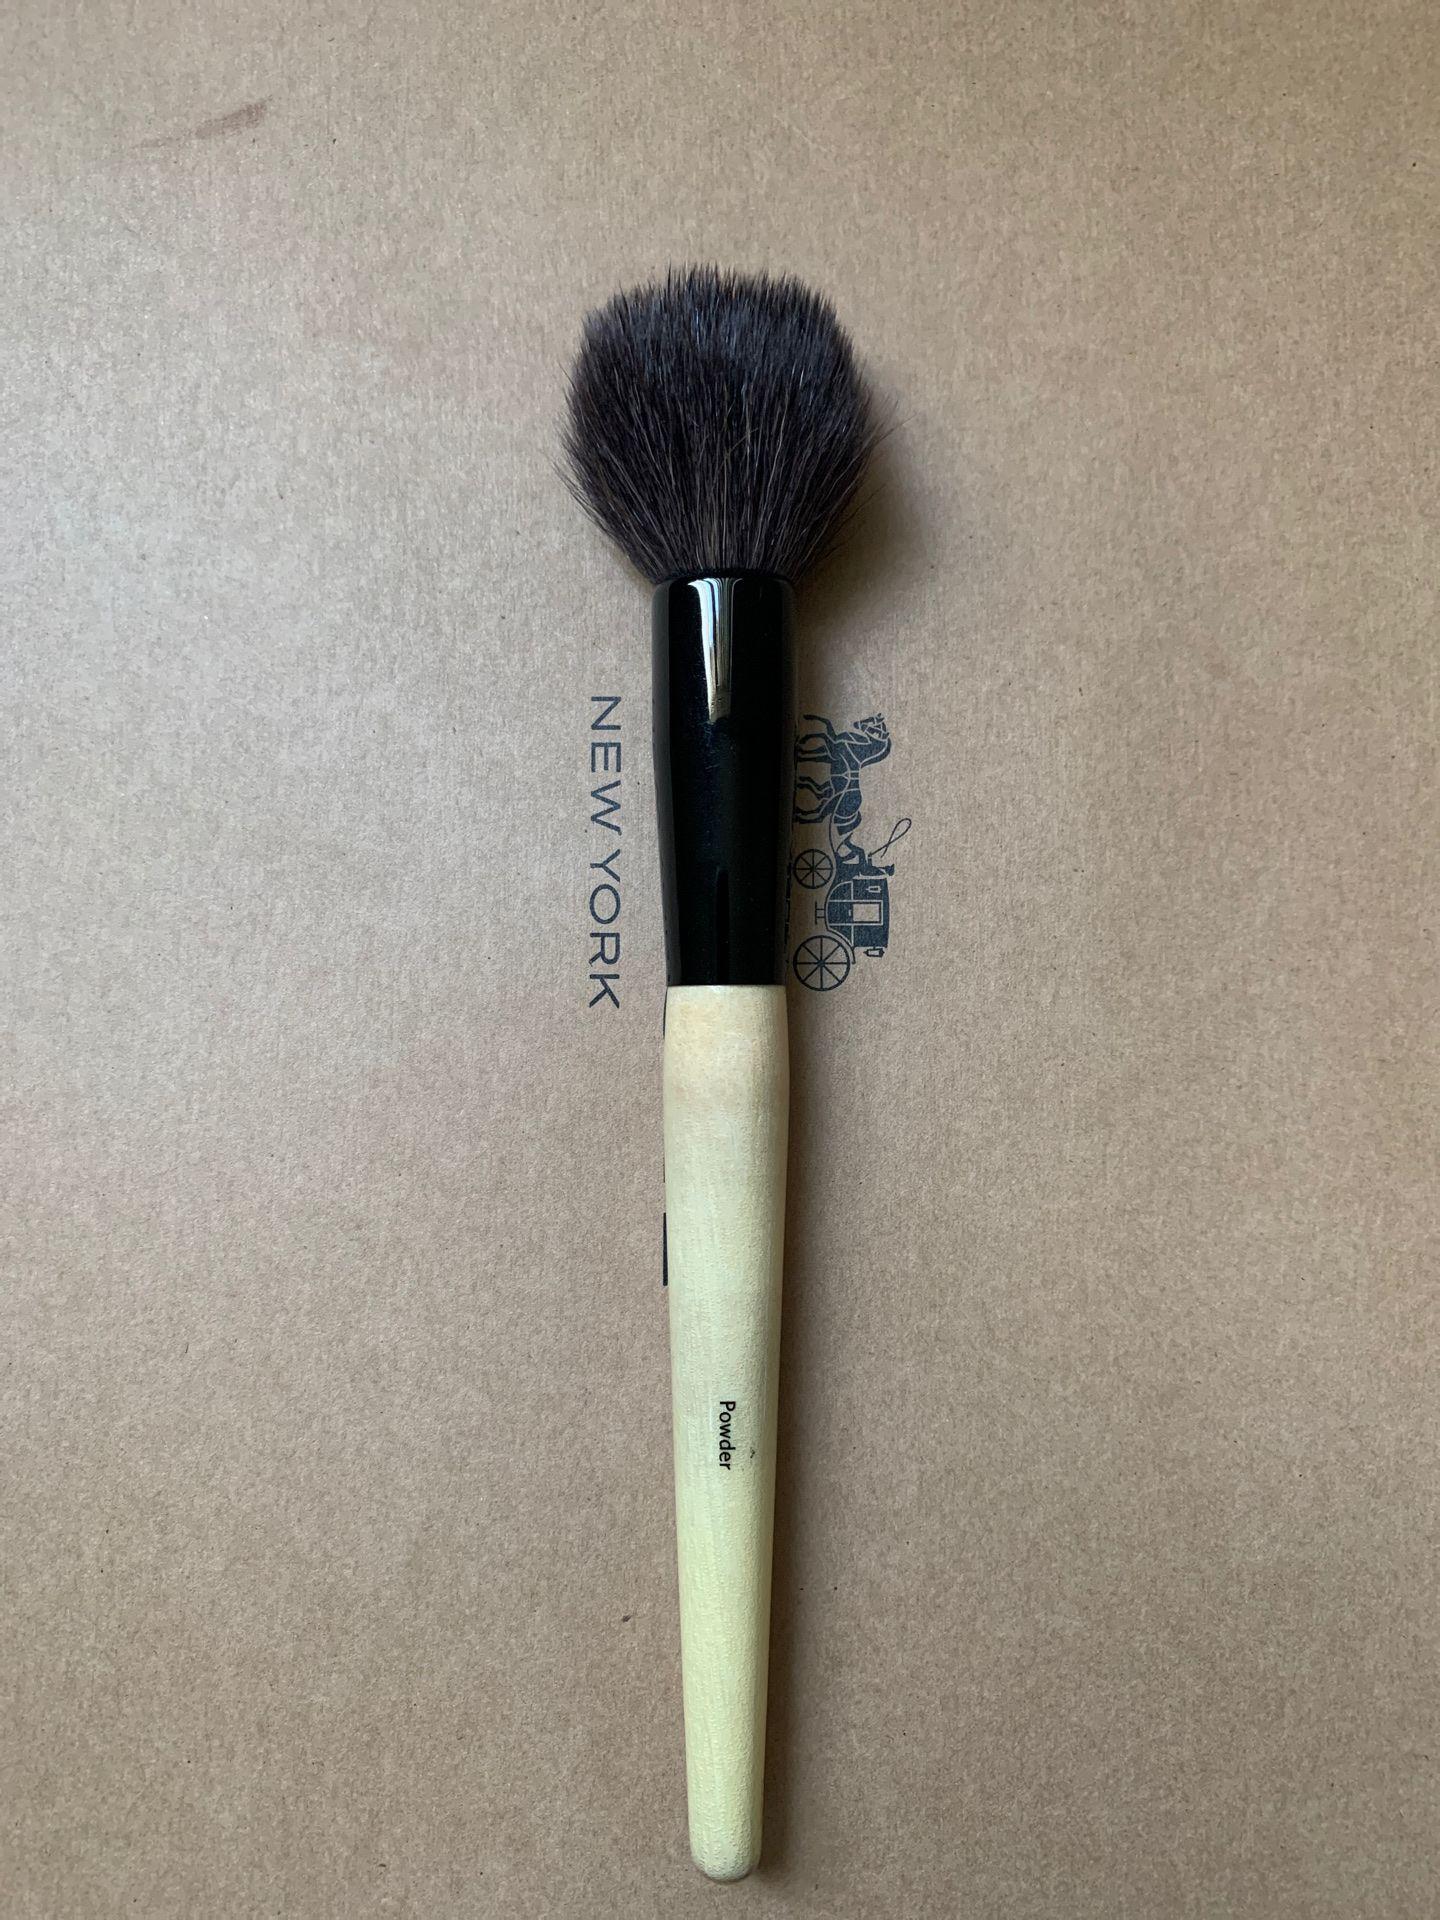 Bobbi Brown Powder Makeup Brush